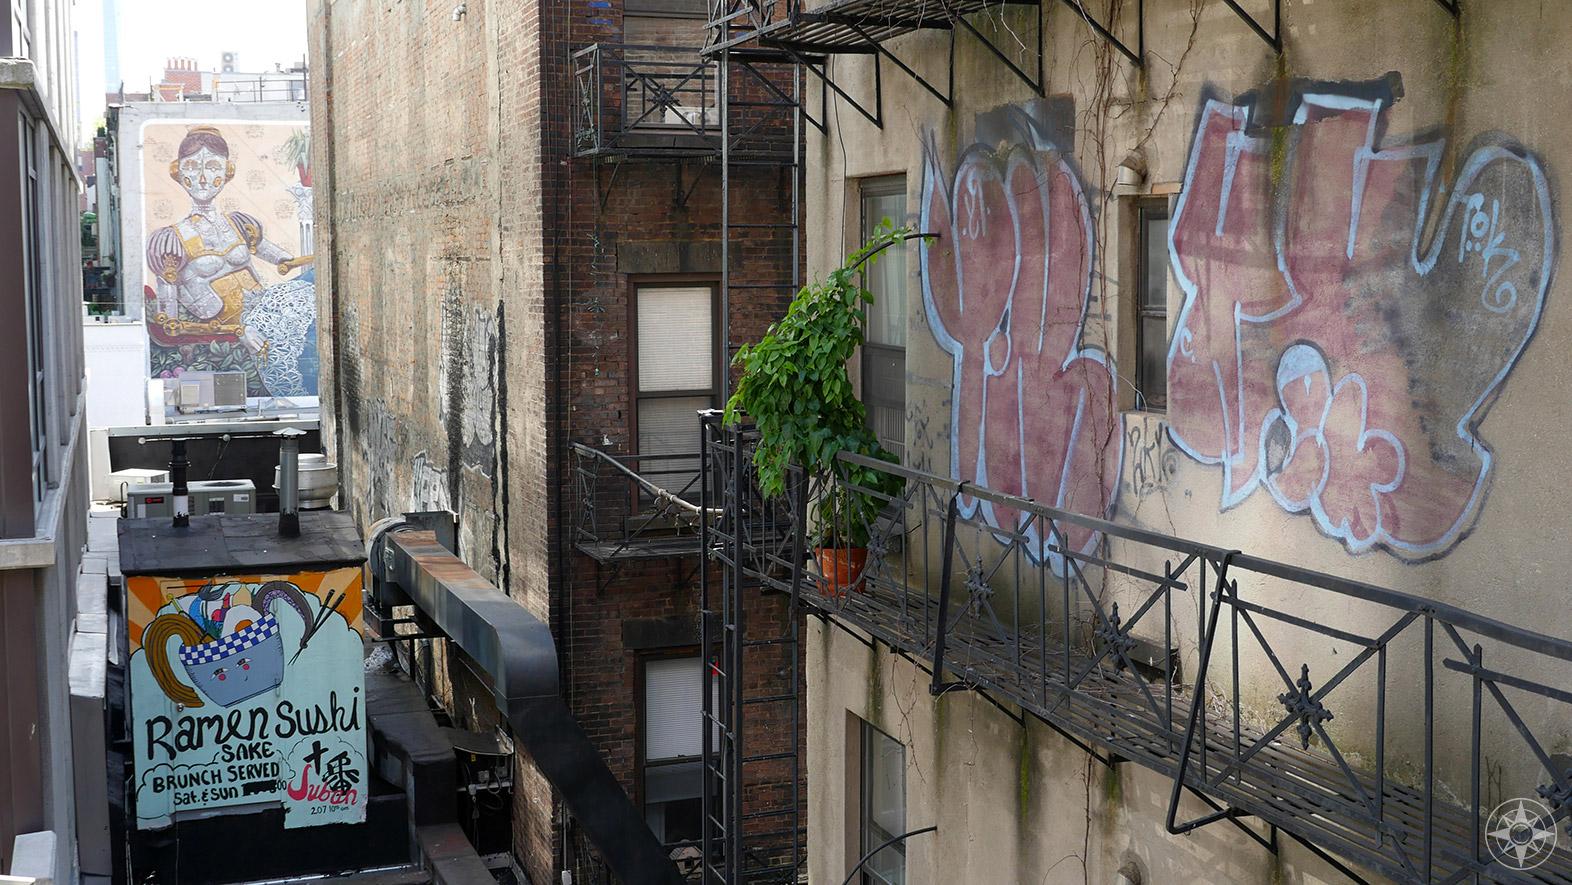 Seen from the High Line: Ramen, female robot, street art, fire escape, plant.